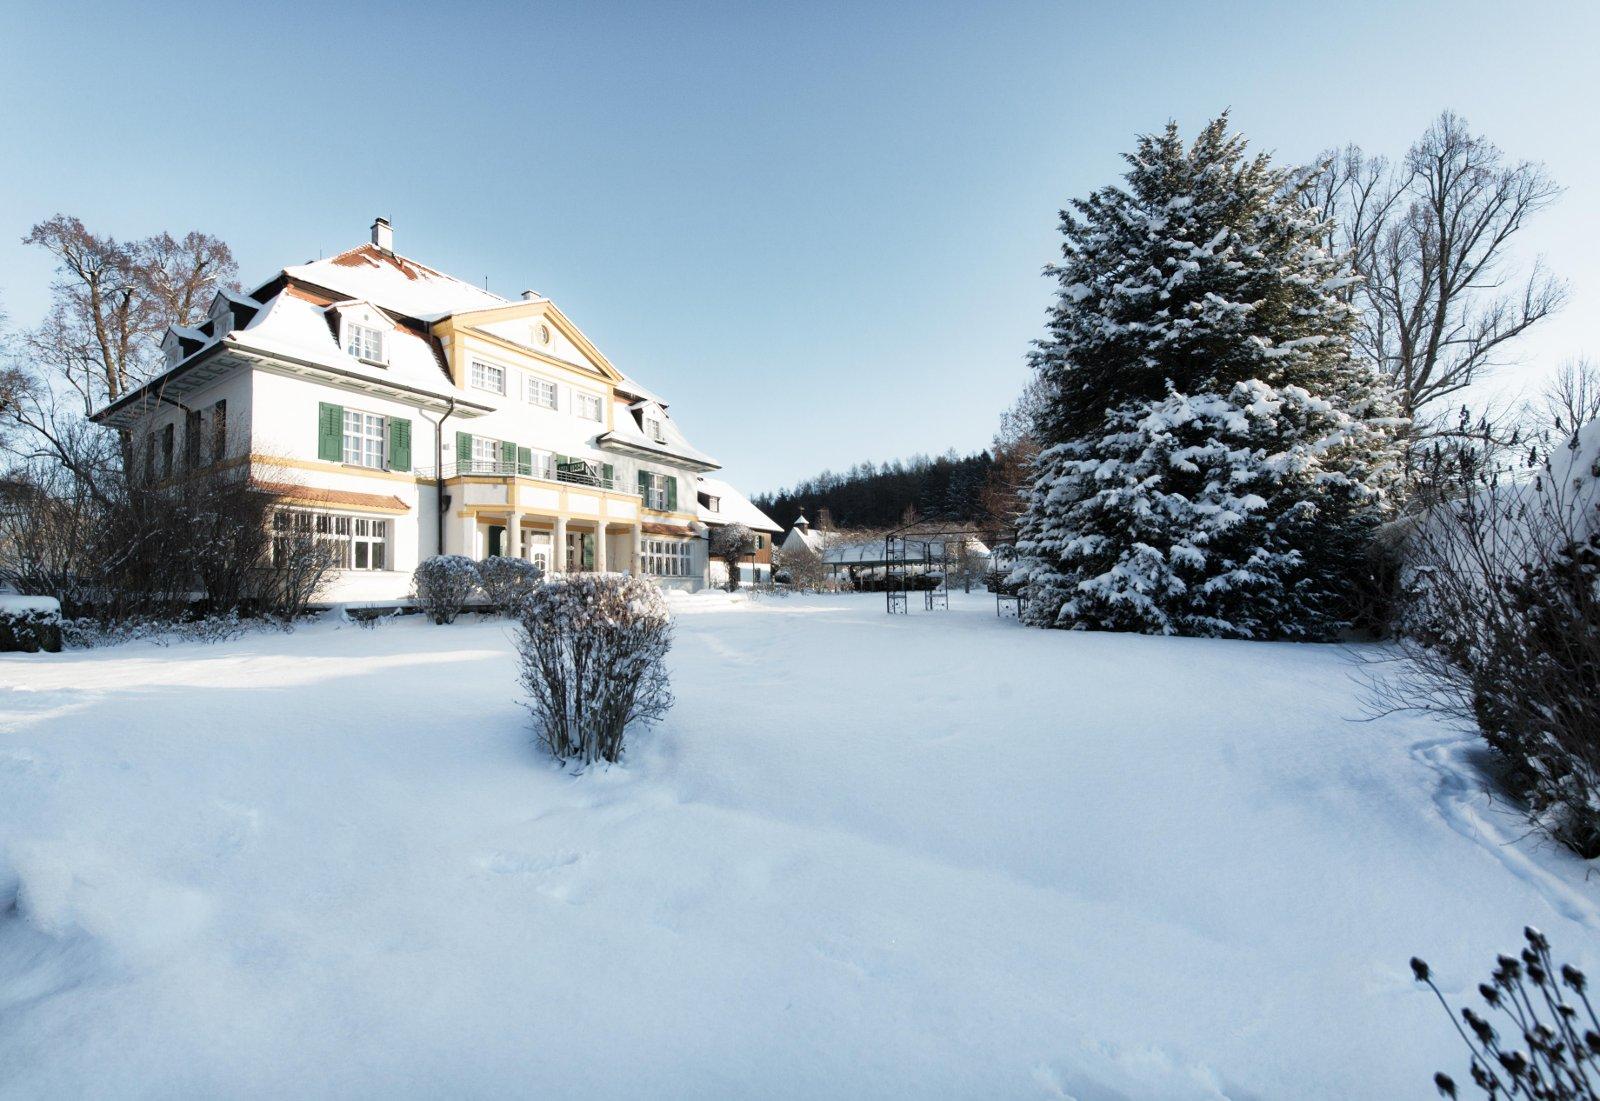 Entspannt und in Ruhe rutschen Gäste im Schlossgut Oberambach nahe München ins neue Jahr. Bildnachweis: Biohotel Schlossgut Oberambach/Robert Kittel